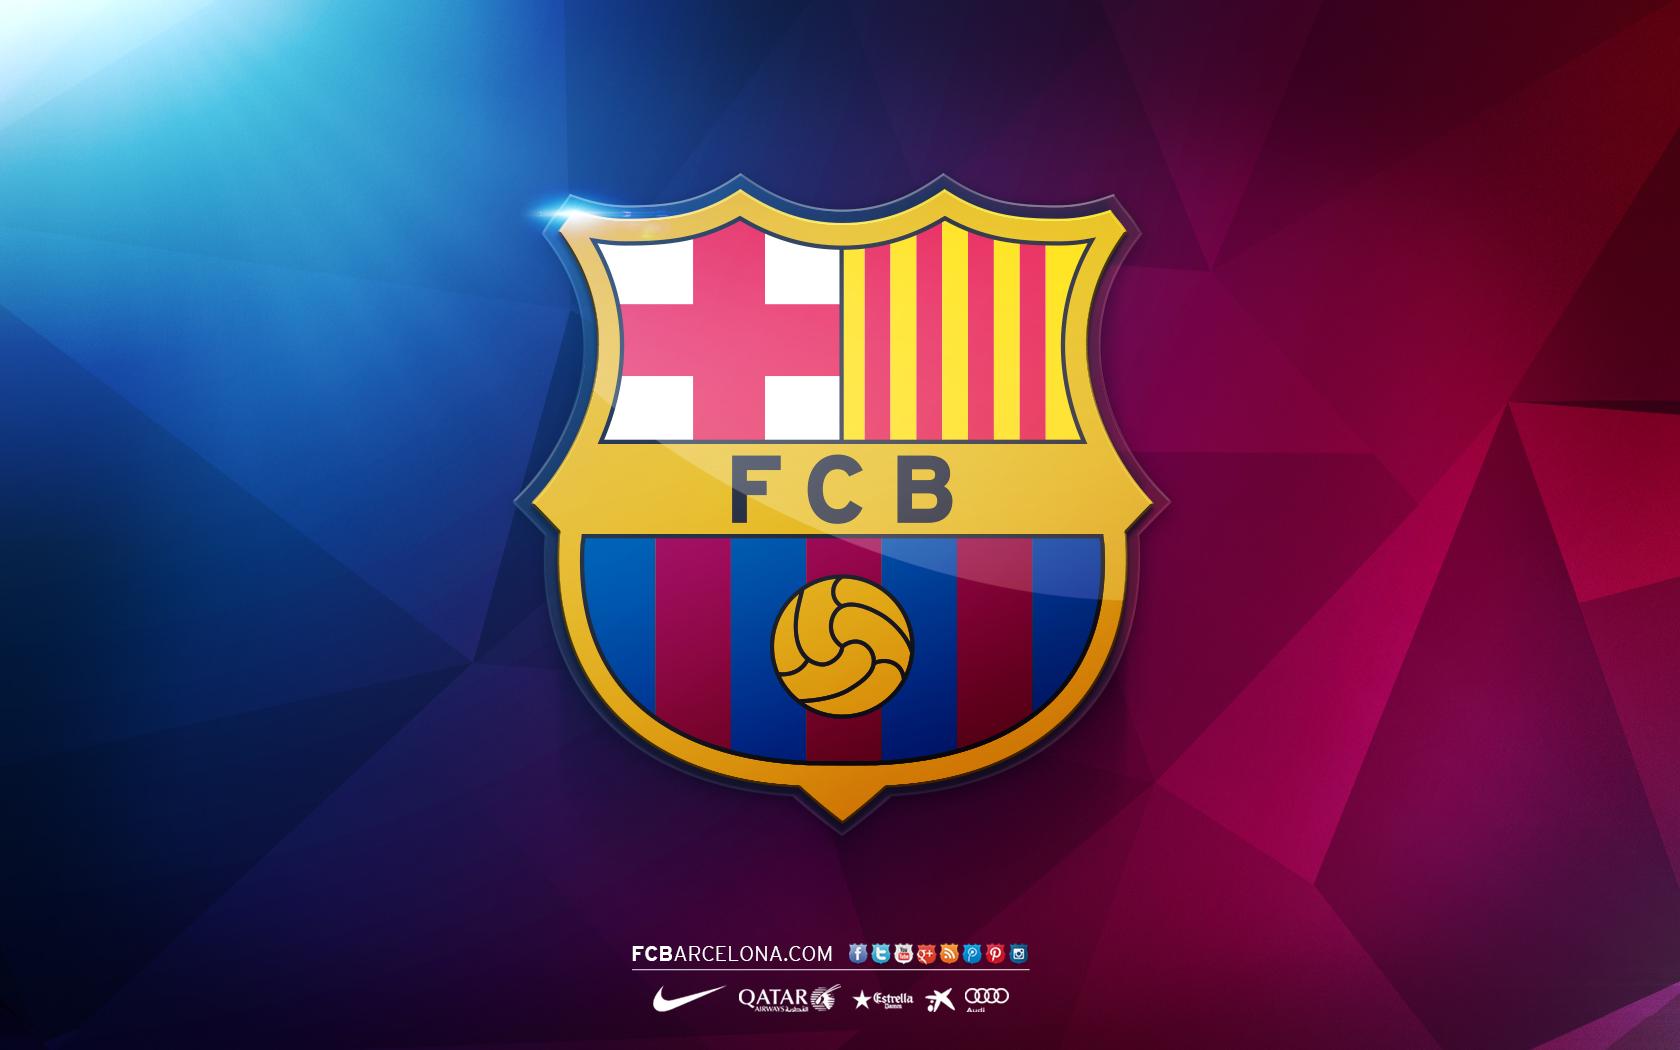 Fcb barcelona logo wallpaper impremedia fc barcelona logo wallpaper hd 2013 voltagebd Images